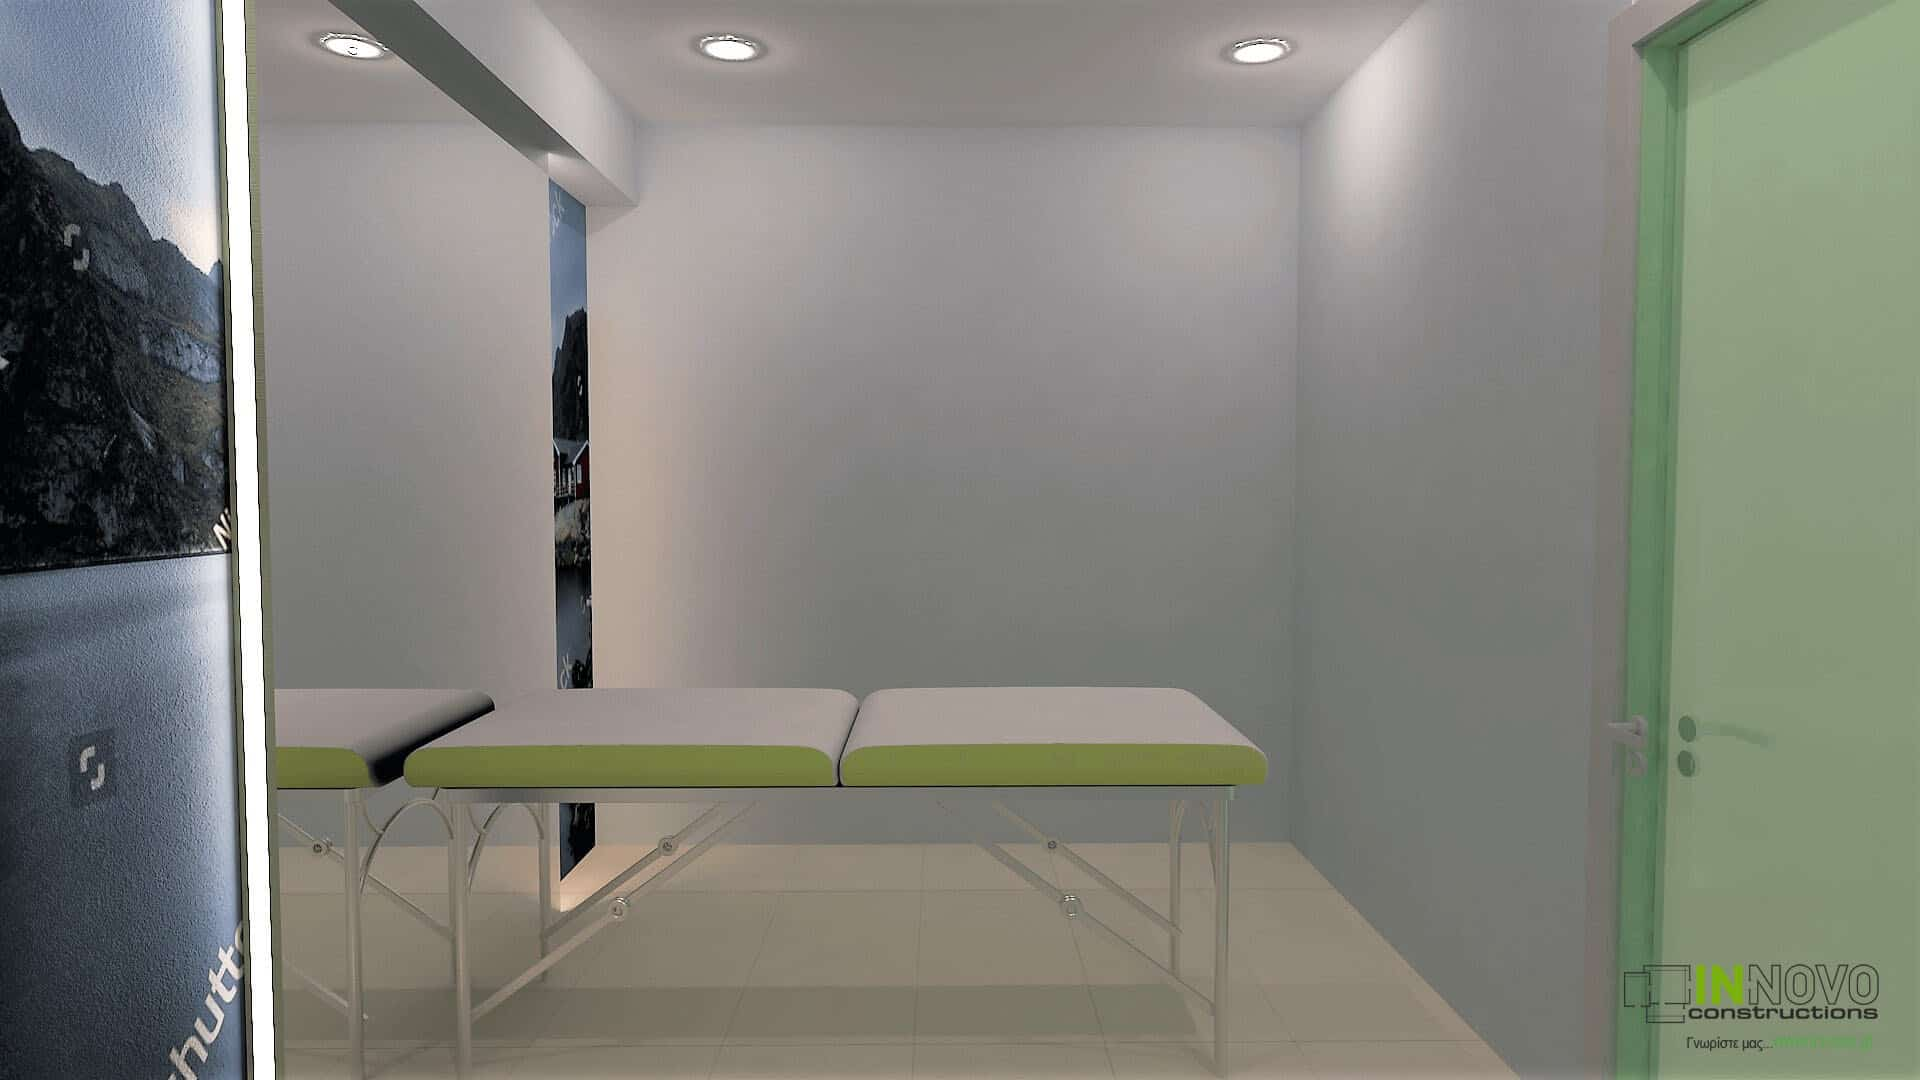 Κατασκευή φυσικοθεραπευτηρίου στο Πικέρμι